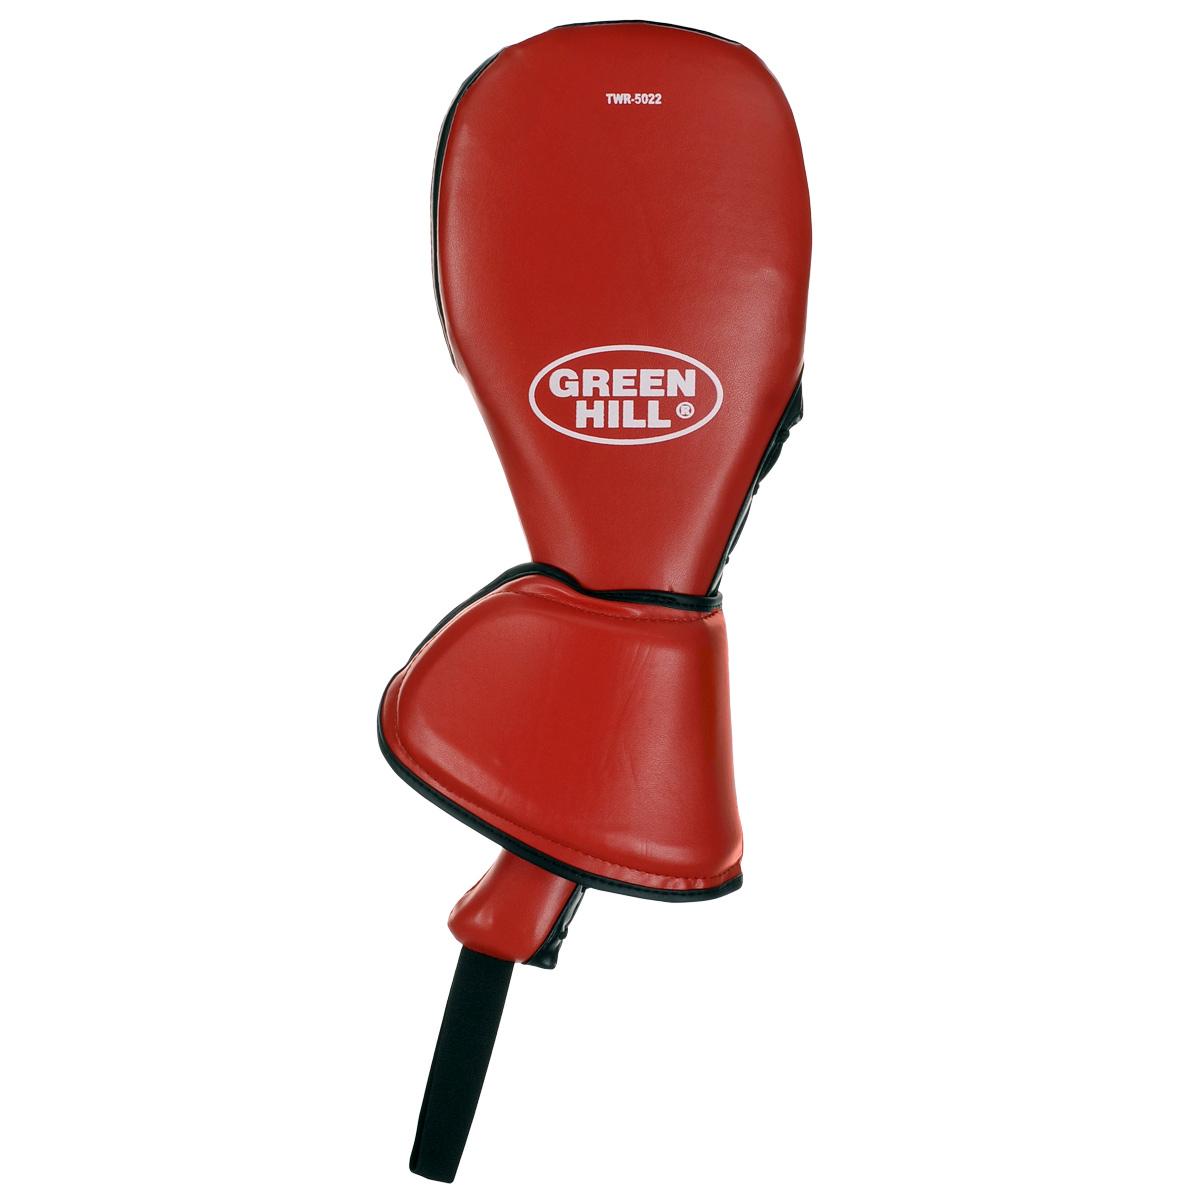 Ракетка для тхэквондо Green Hill, двойная, цвет: красный. TWR-5022 - Единоборства